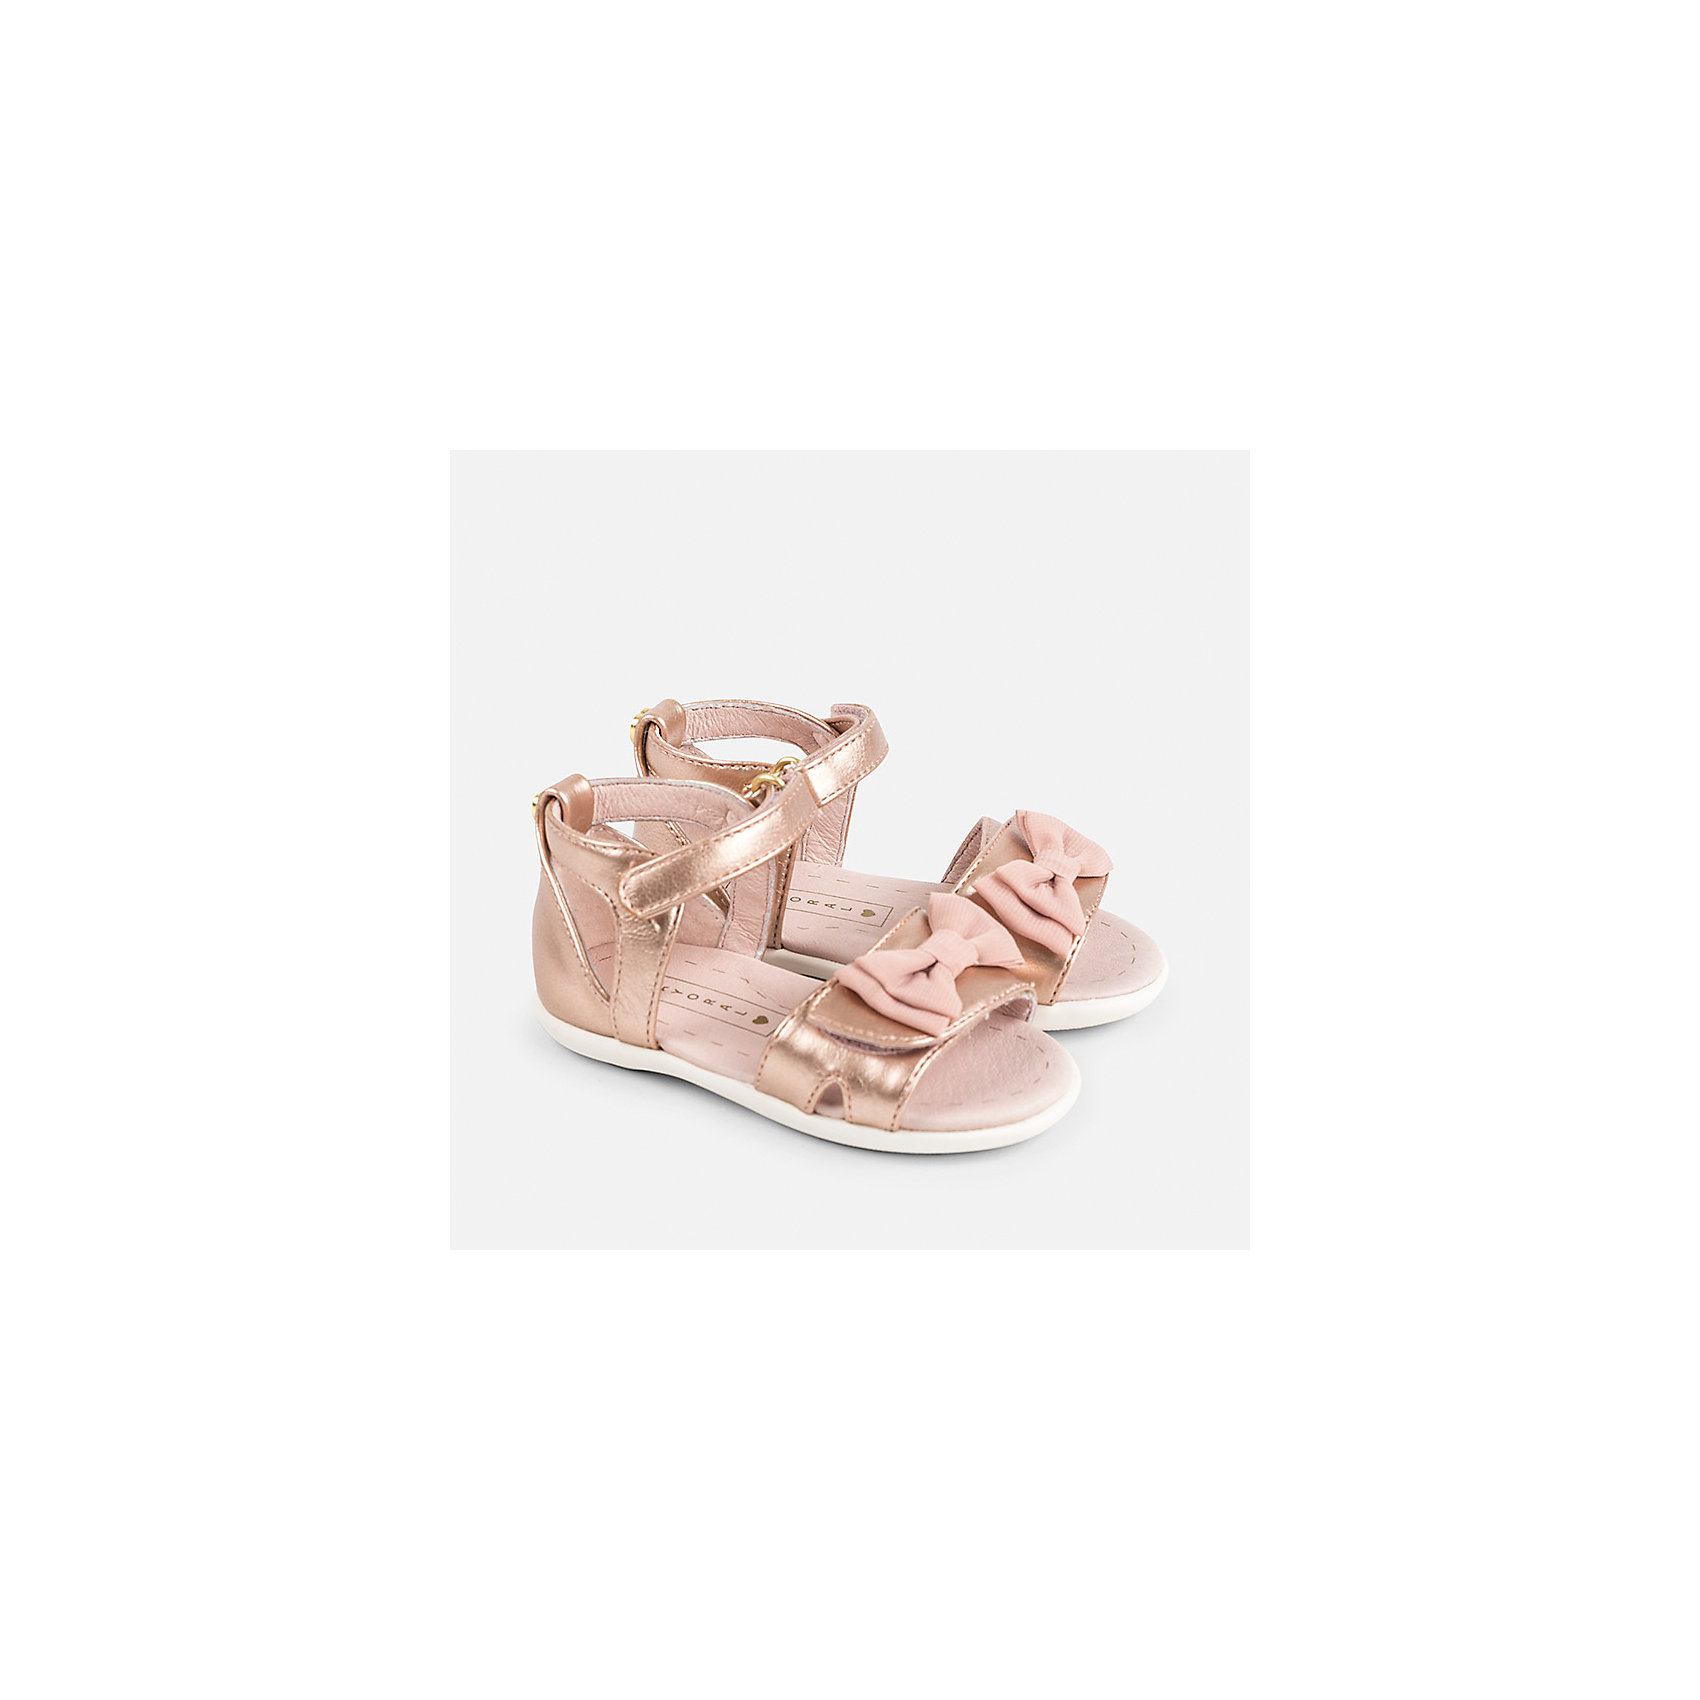 Сандалии для девочки MayoralОбувь<br>Характеристики товара:<br><br>• цвет: розовый<br>• состав: верх - полиуретан, подкладка и стелька - 100% натуральная кожа, подошва - резина<br>• застежка: липучка<br>• сзади - металлическое украшение<br>• устойчивая подошва<br>• декорированы бантом<br>• страна бренда: Испания<br><br>Удобные симпатичные сандали для девочки помогут обеспечить ребенку комфорт и дополнить наряд. Универсальный цвет позволяет надевать их под наряд разных расцветок. Сандали удобно сидят на ноге и красиво смотрятся. Отличный вариант и на праздник и на каждый день!<br><br>Одежда, обувь и аксессуары от испанского бренда Mayoral полюбились детям и взрослым по всему миру. Модели этой марки - стильные и удобные. Для их производства используются только безопасные, качественные материалы и фурнитура. Порадуйте ребенка модными и красивыми вещами от Mayoral! <br><br>Сандали для девочки от испанского бренда Mayoral (Майорал) можно купить в нашем интернет-магазине.<br><br>Ширина мм: 219<br>Глубина мм: 154<br>Высота мм: 121<br>Вес г: 343<br>Цвет: розовый<br>Возраст от месяцев: 24<br>Возраст до месяцев: 24<br>Пол: Женский<br>Возраст: Детский<br>Размер: 25,22,23,24<br>SKU: 5293673